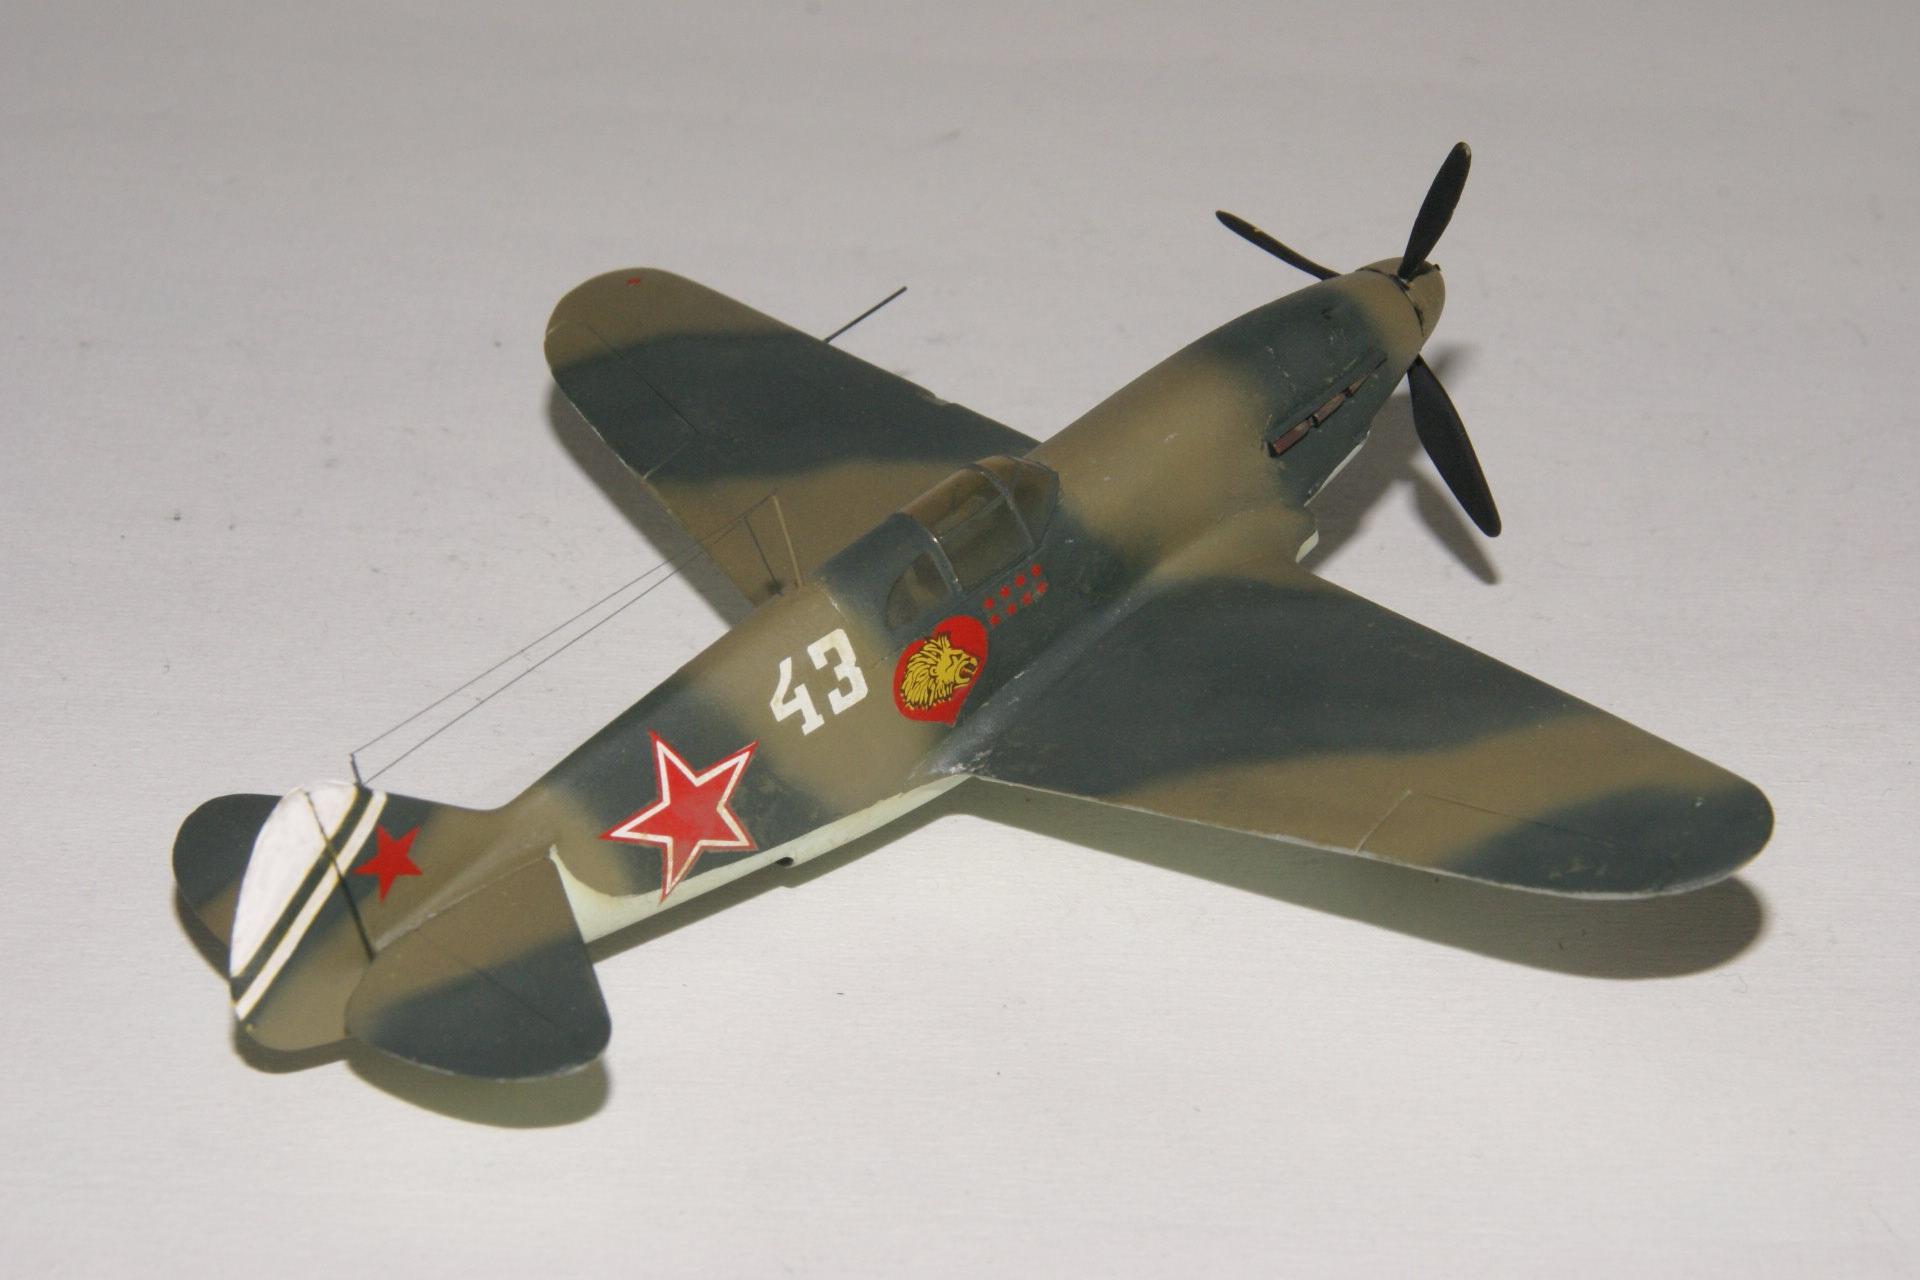 Lavochkine lagg 3 series 35 4